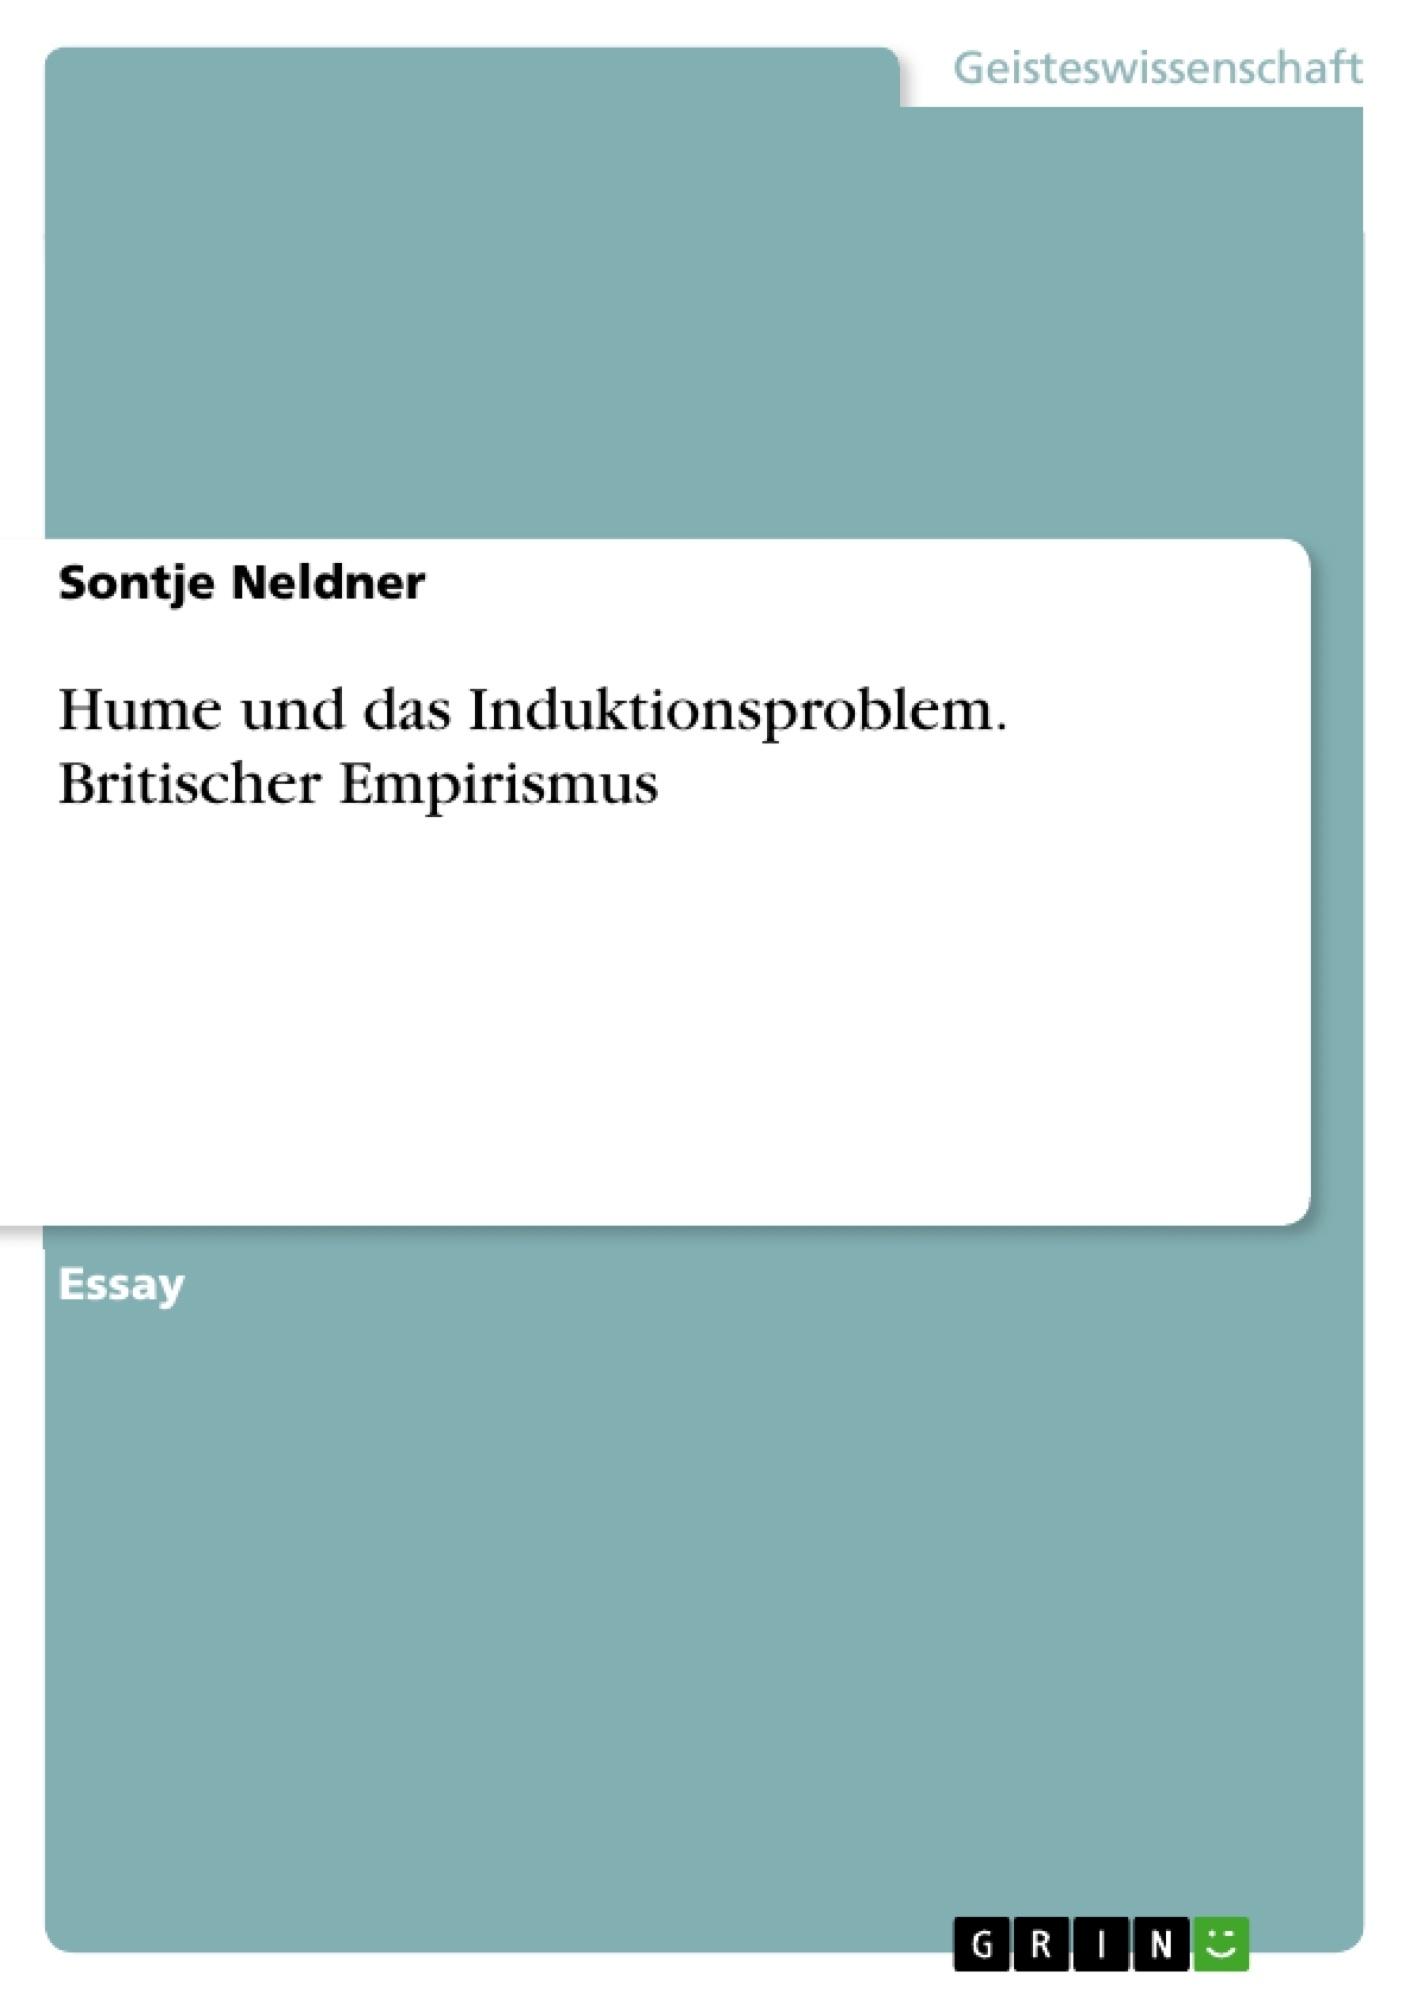 Titel: Hume und das Induktionsproblem. Britischer Empirismus